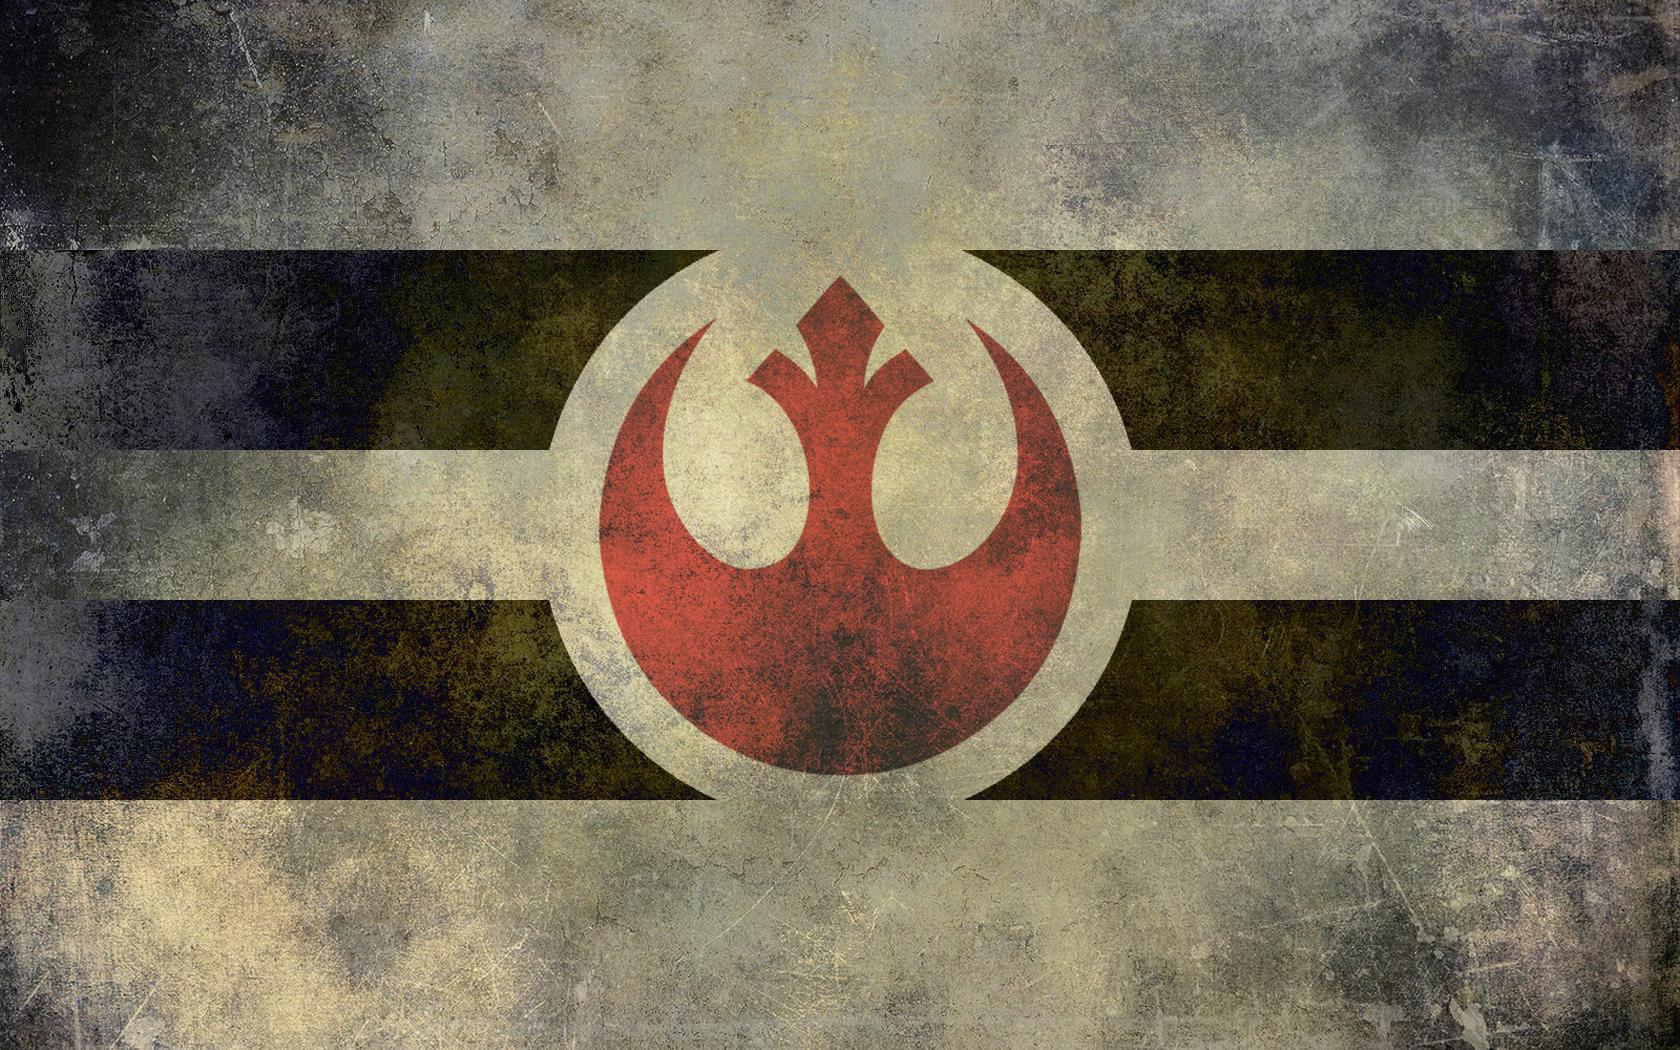 Rebel Alliance Wallpaper Wallpapersafari